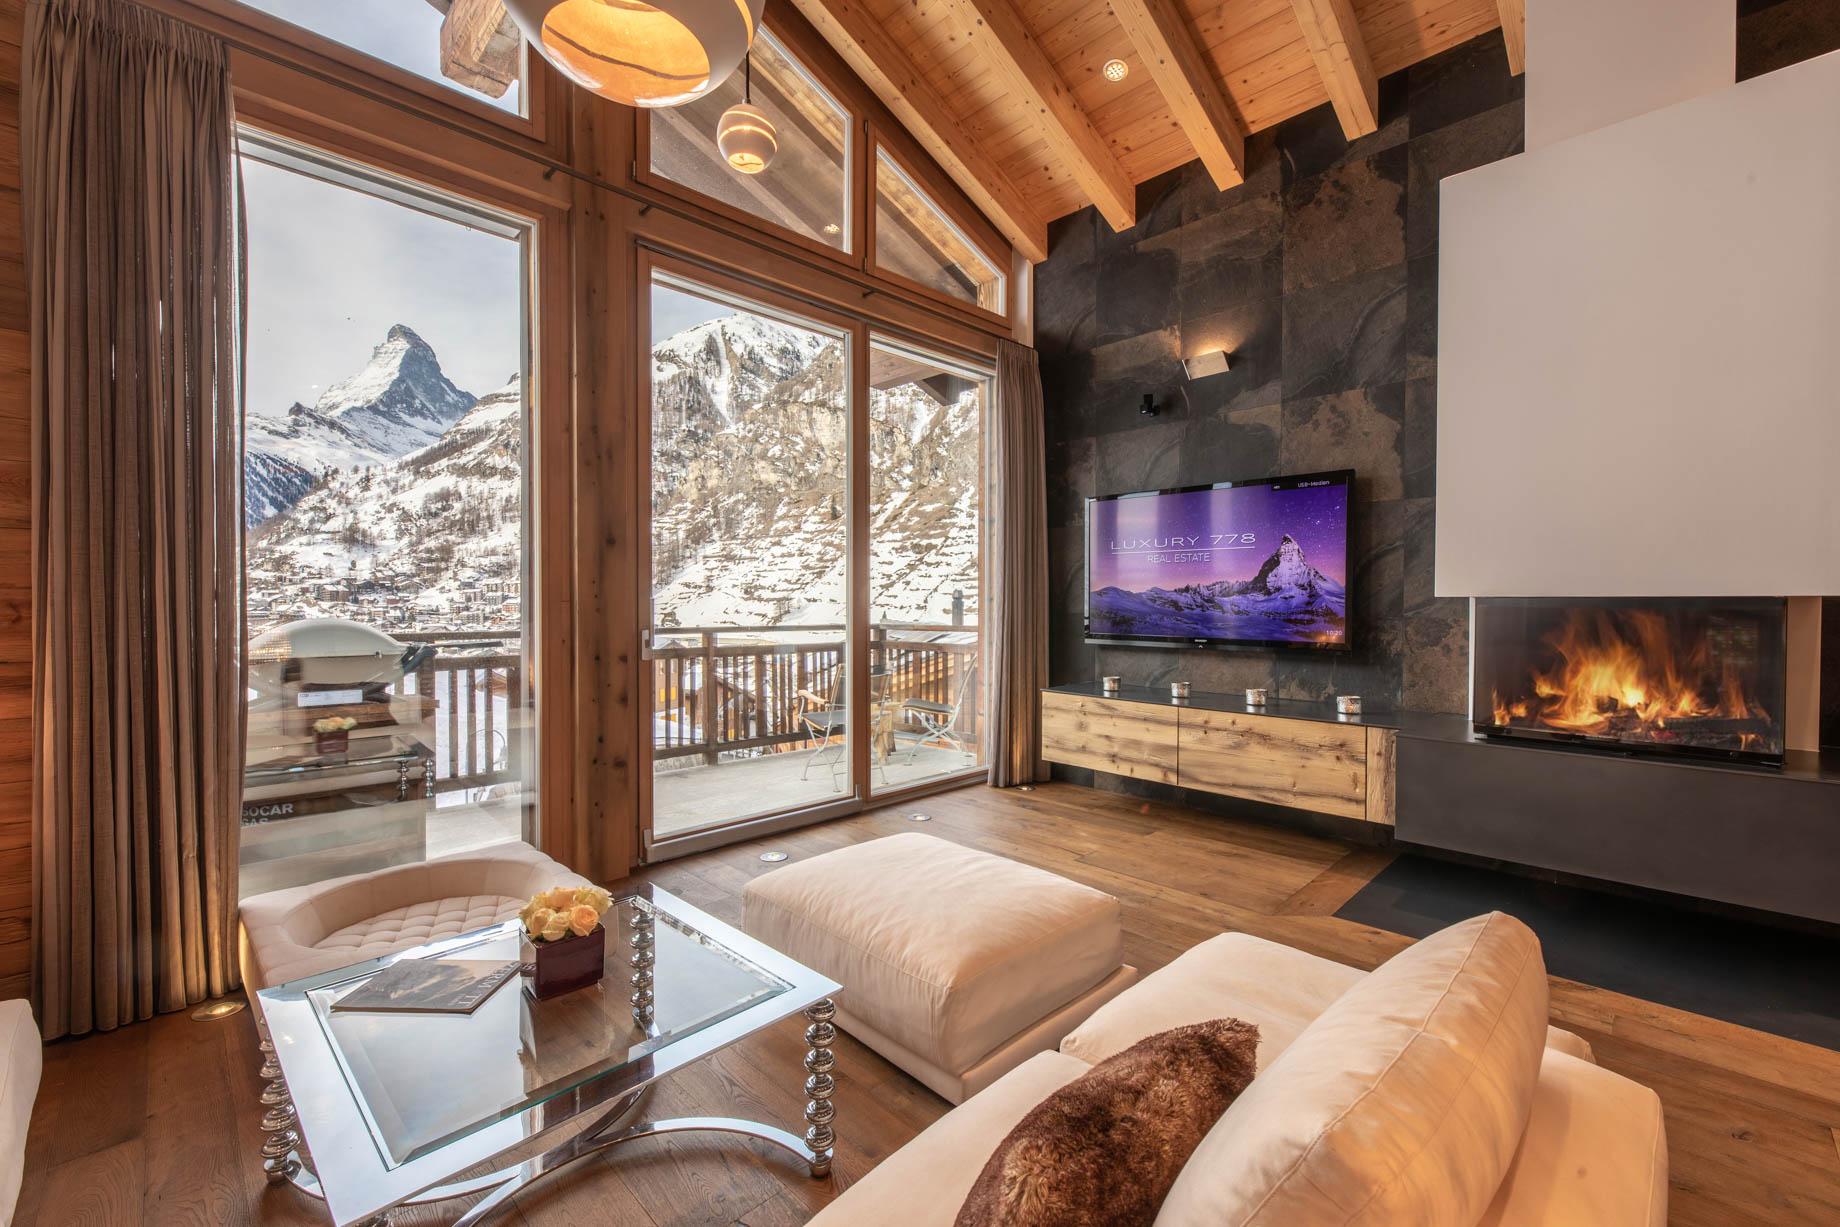 Chalet - Zermatt, Valais, Switzerland